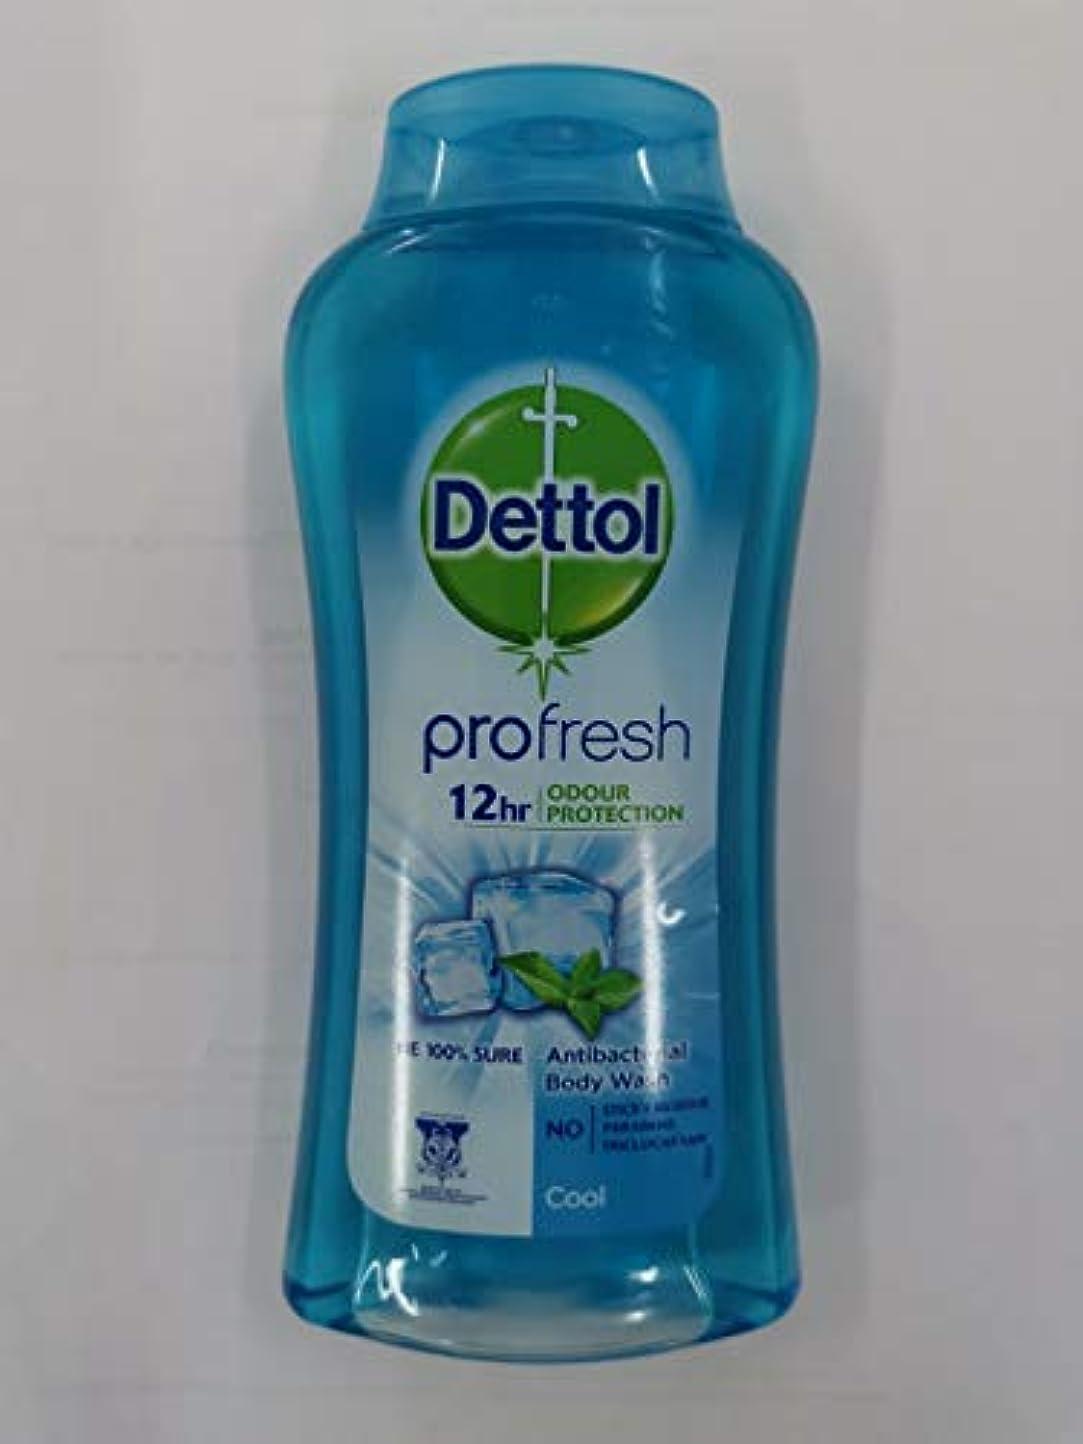 屋内祝福する同一性Dettol 100%ソープフリー - - 平衡のpH値 - クリーム含有する毎日の細菌を防ぐために、コールドシャワージェル250mLの